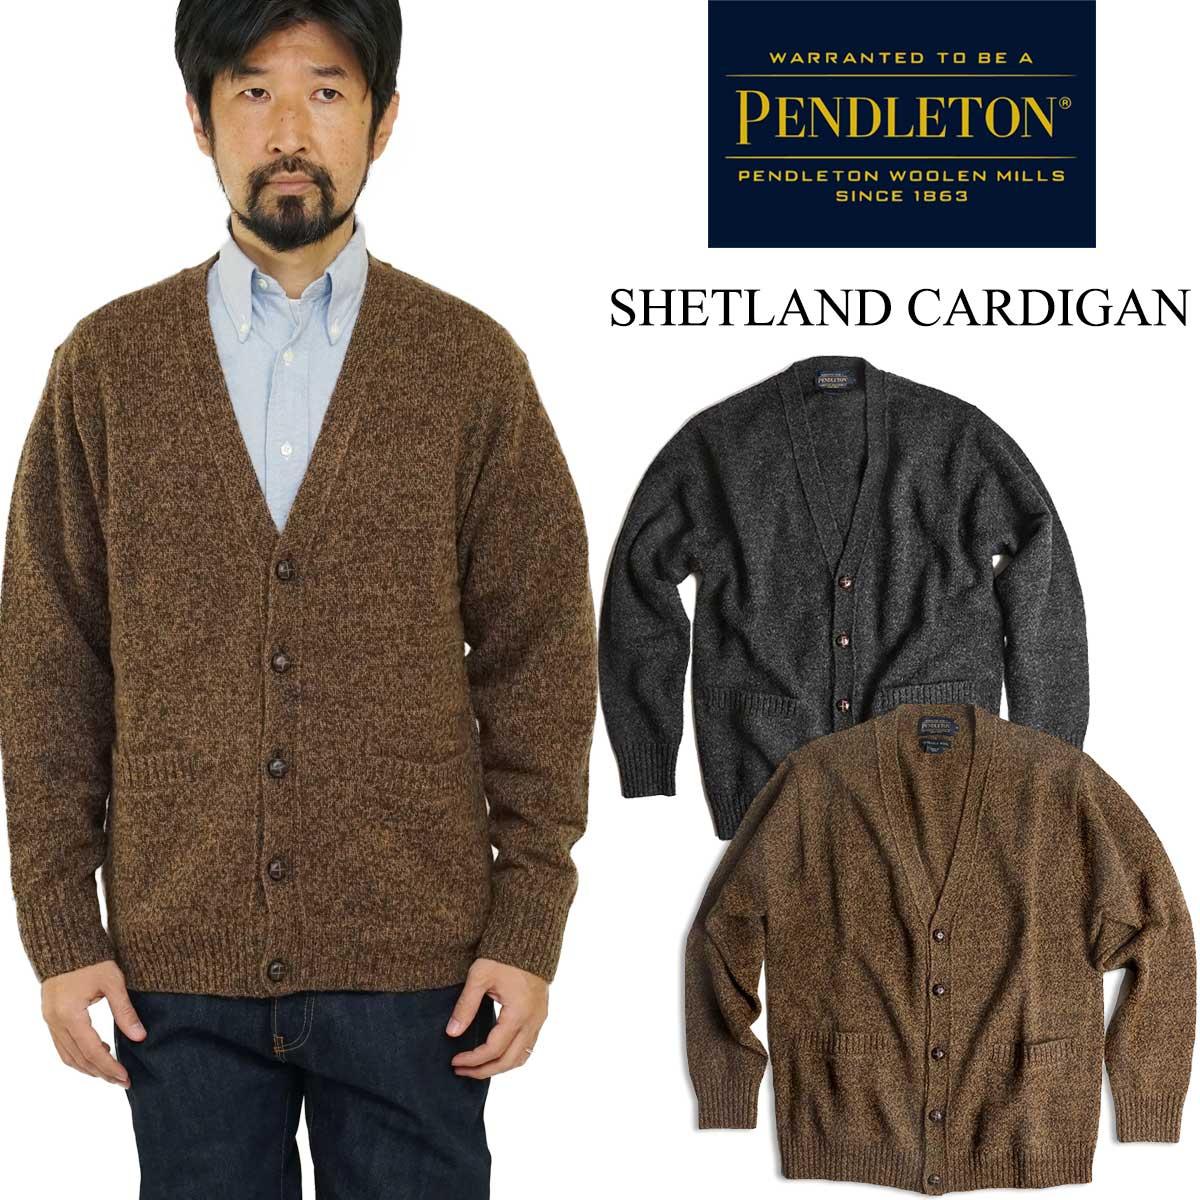 ペンドルトン PENDLETON ウール セーター シェットランド カーディガン(シェットランド CARDIGAN)